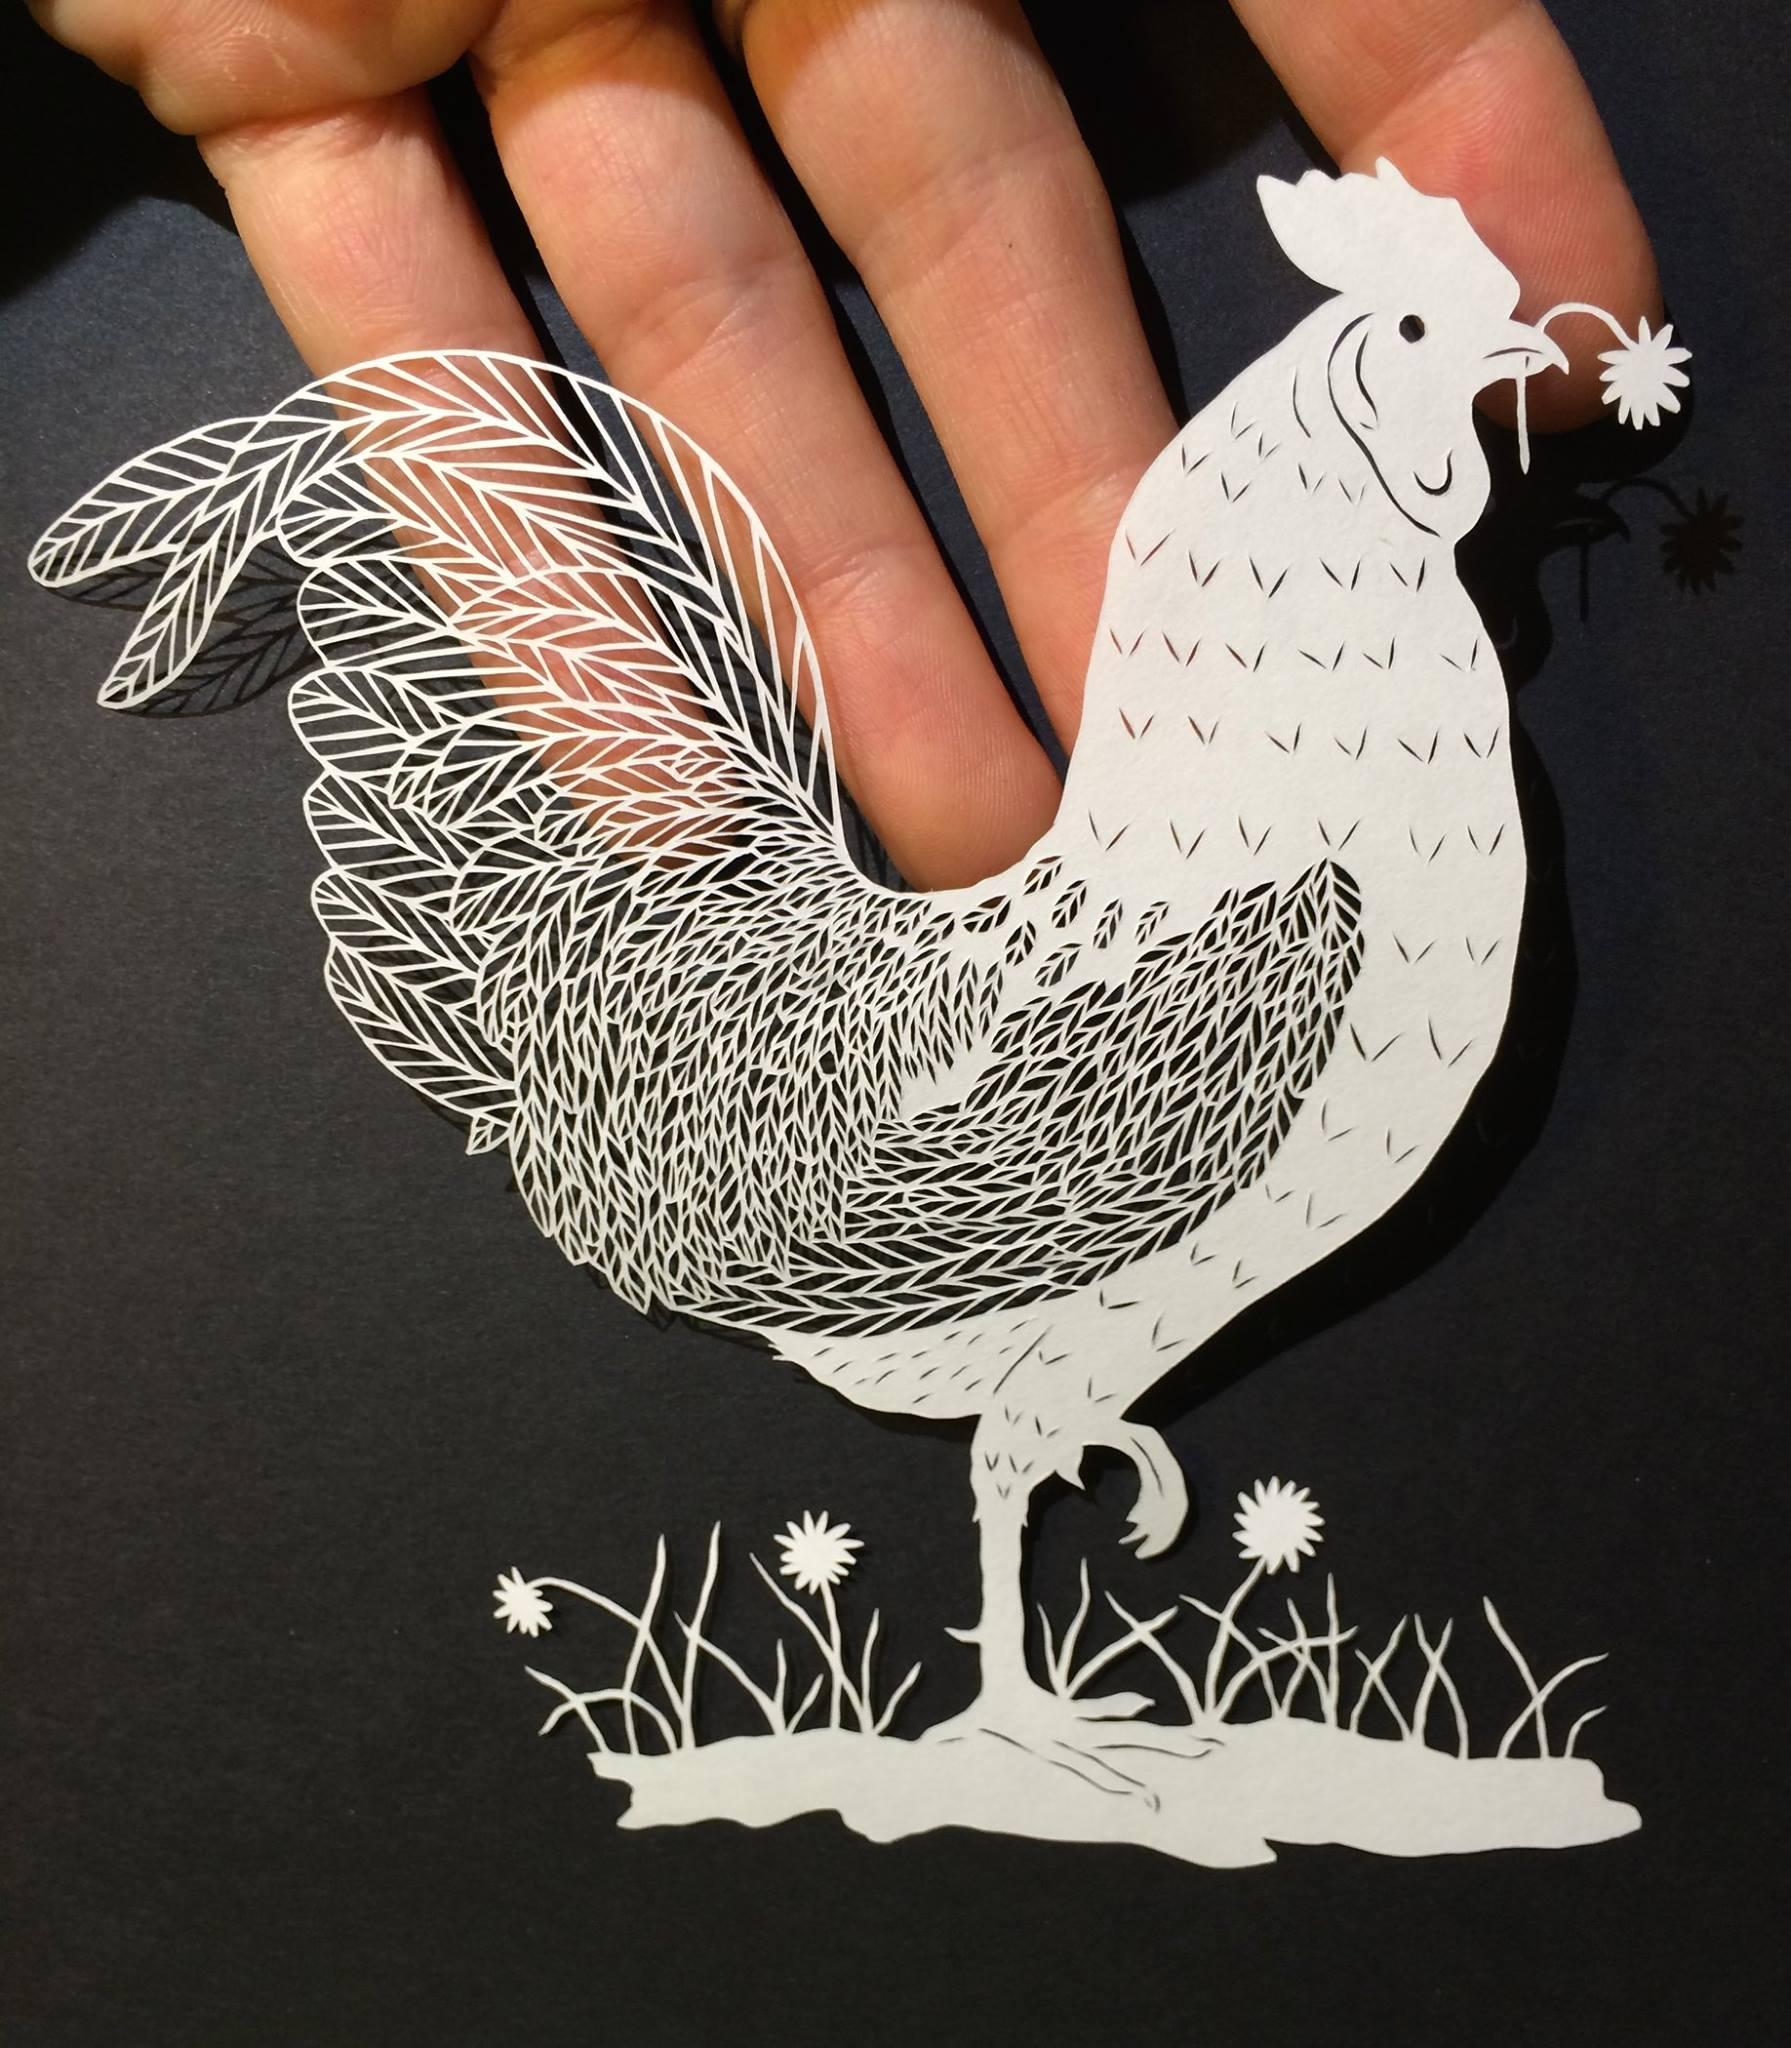 paper cut illustrations 4